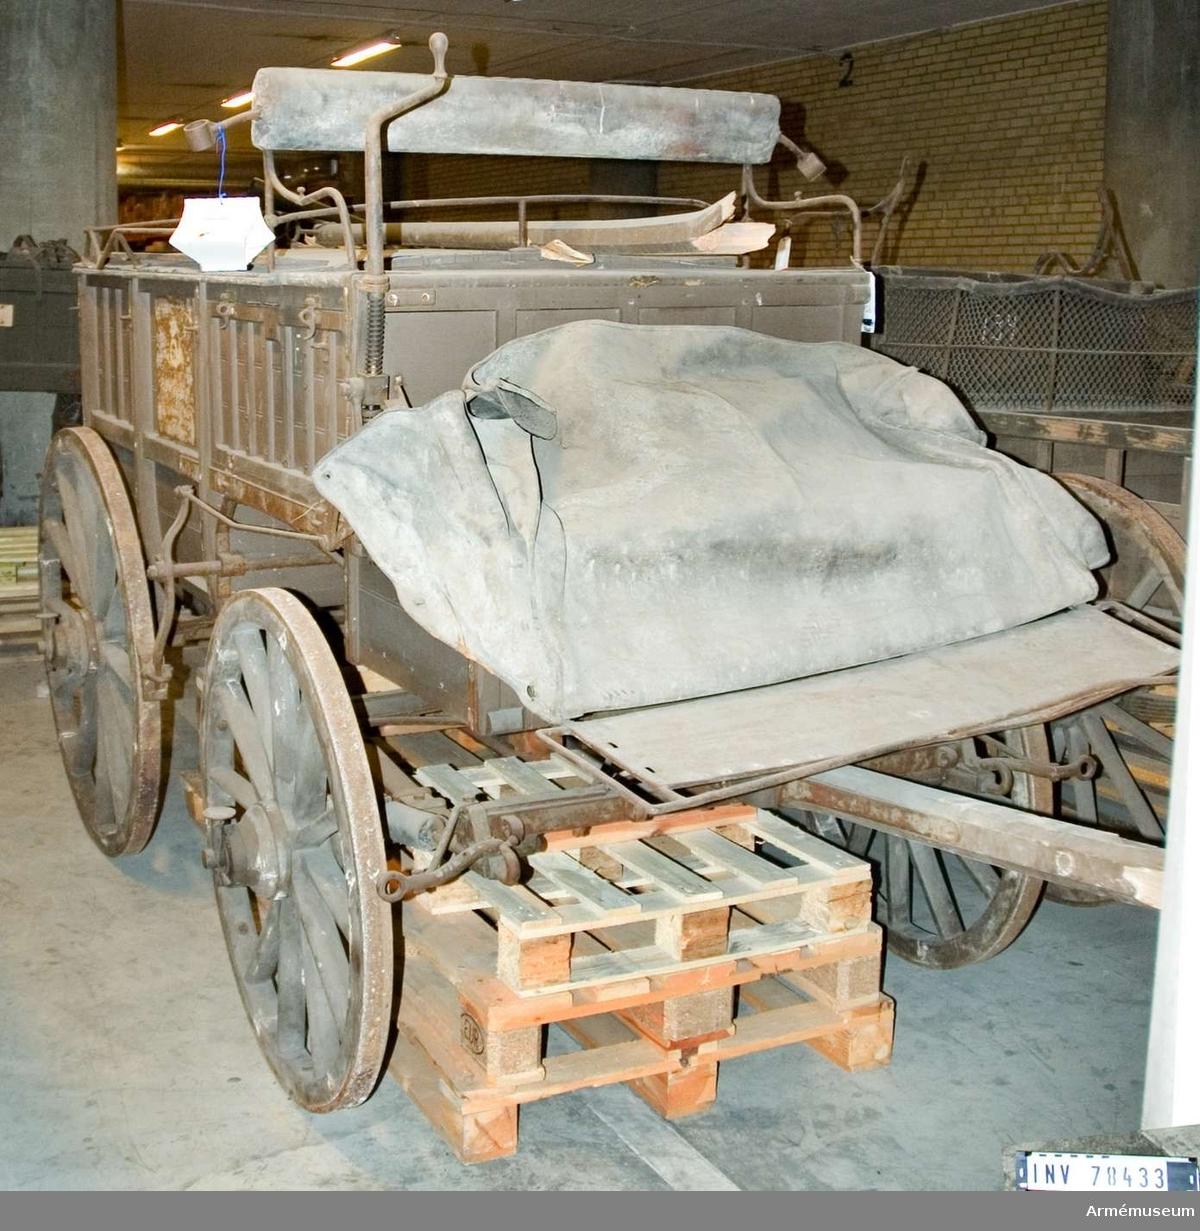 Grupp I VI. Fältpostvagn med fotsack, tillverkad 1907 vid Carlssons Söner Mek. Wagnfabrik.